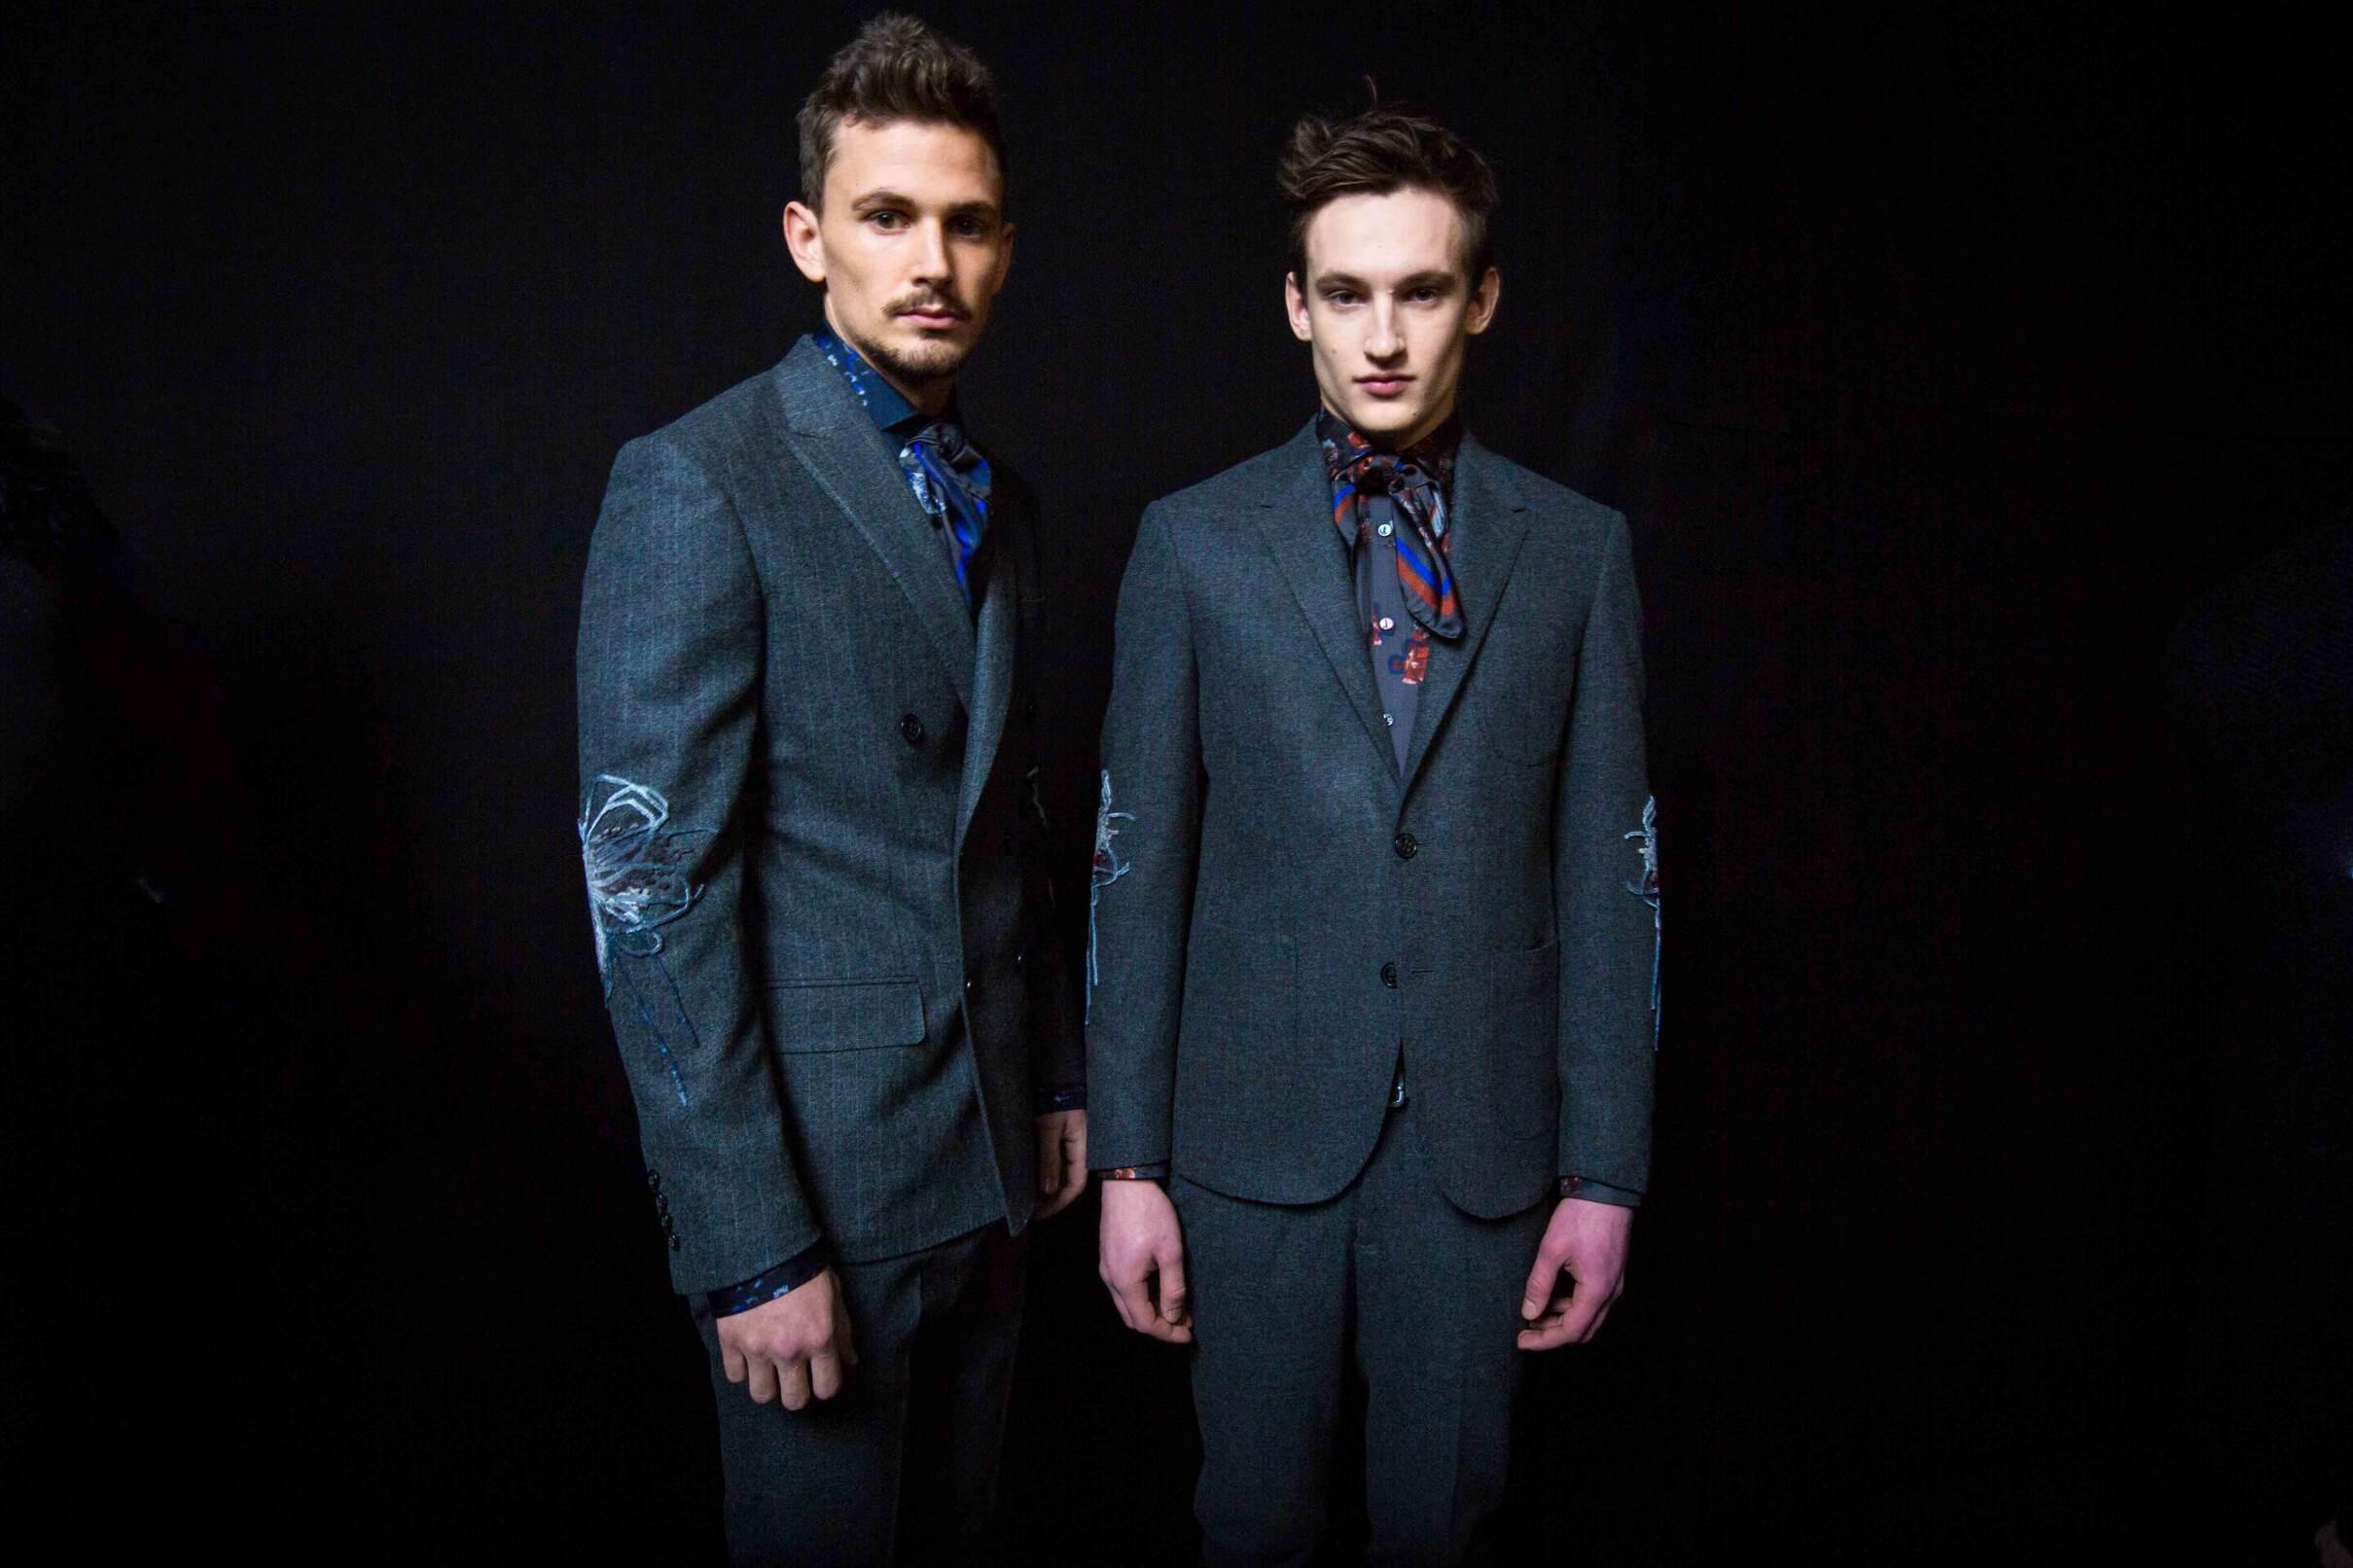 Ermanno Scervino Backstage Fashion Models